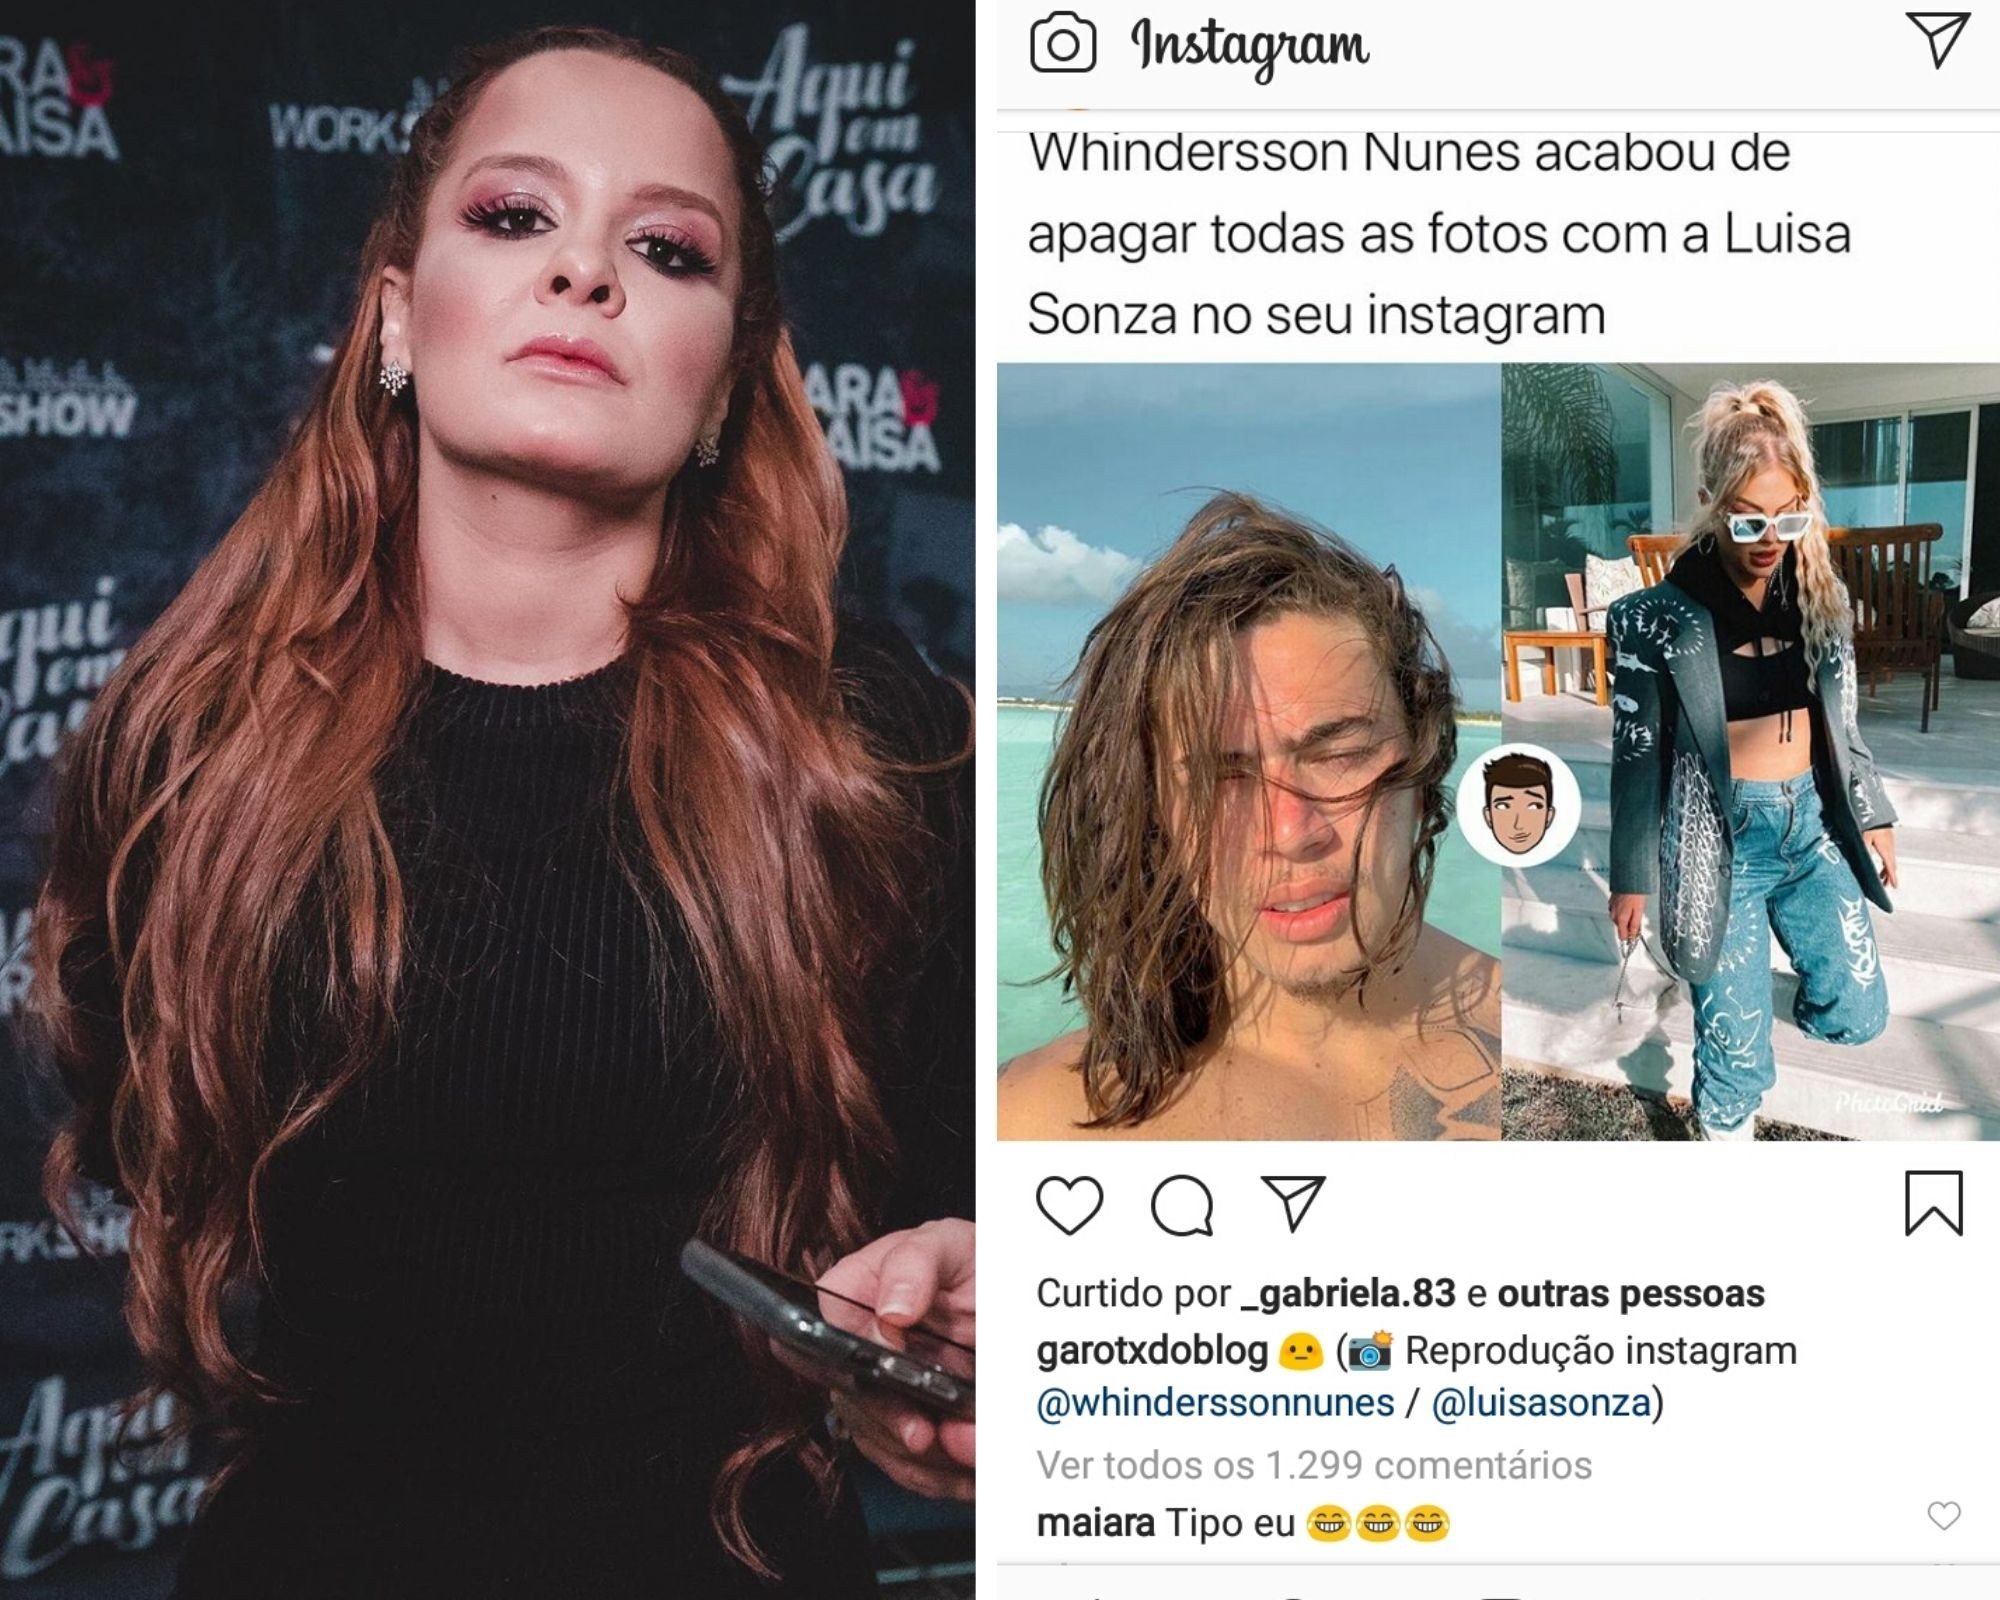 Maiara faz comentário em post sobre Whindersson Nunes e Luisa Sonza (Foto: Reprodução/Instagram)